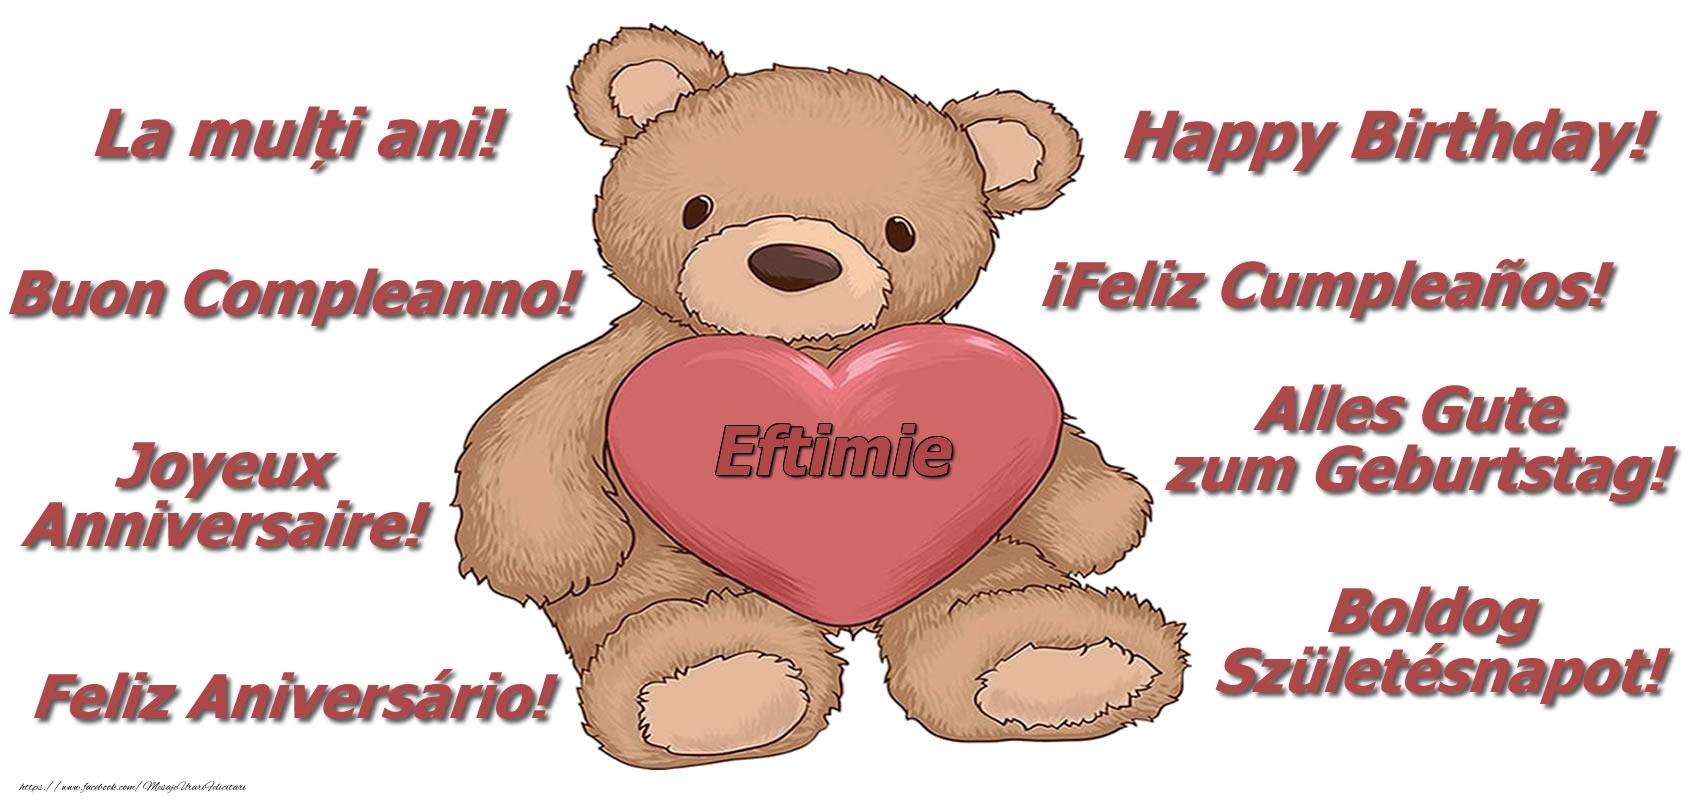 Felicitari de zi de nastere - La multi ani Eftimie! - Ursulet